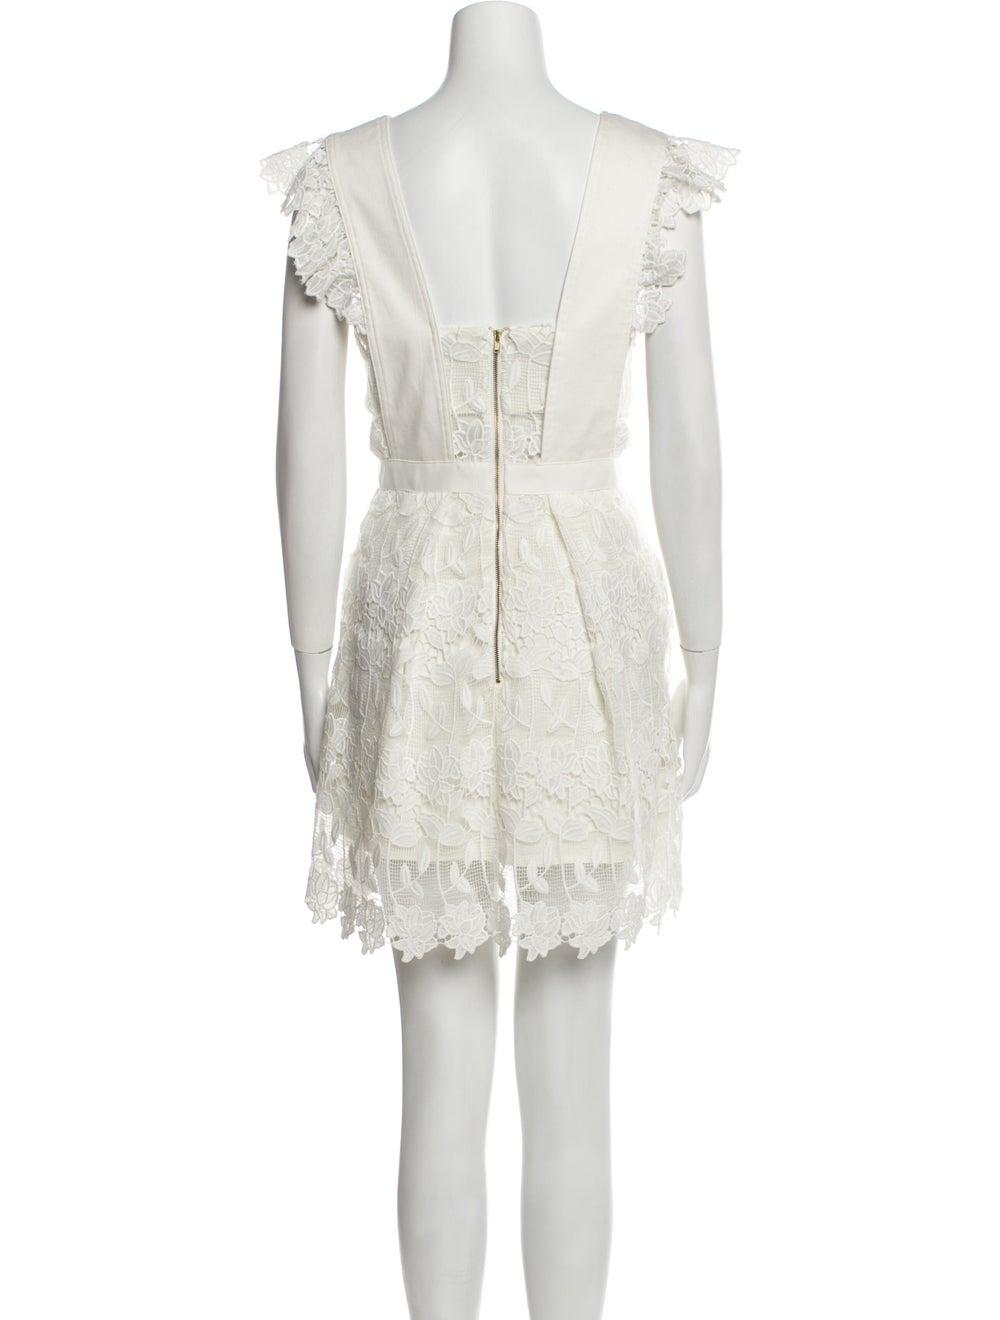 Self-Portrait Square Neckline Mini Dress White - image 3